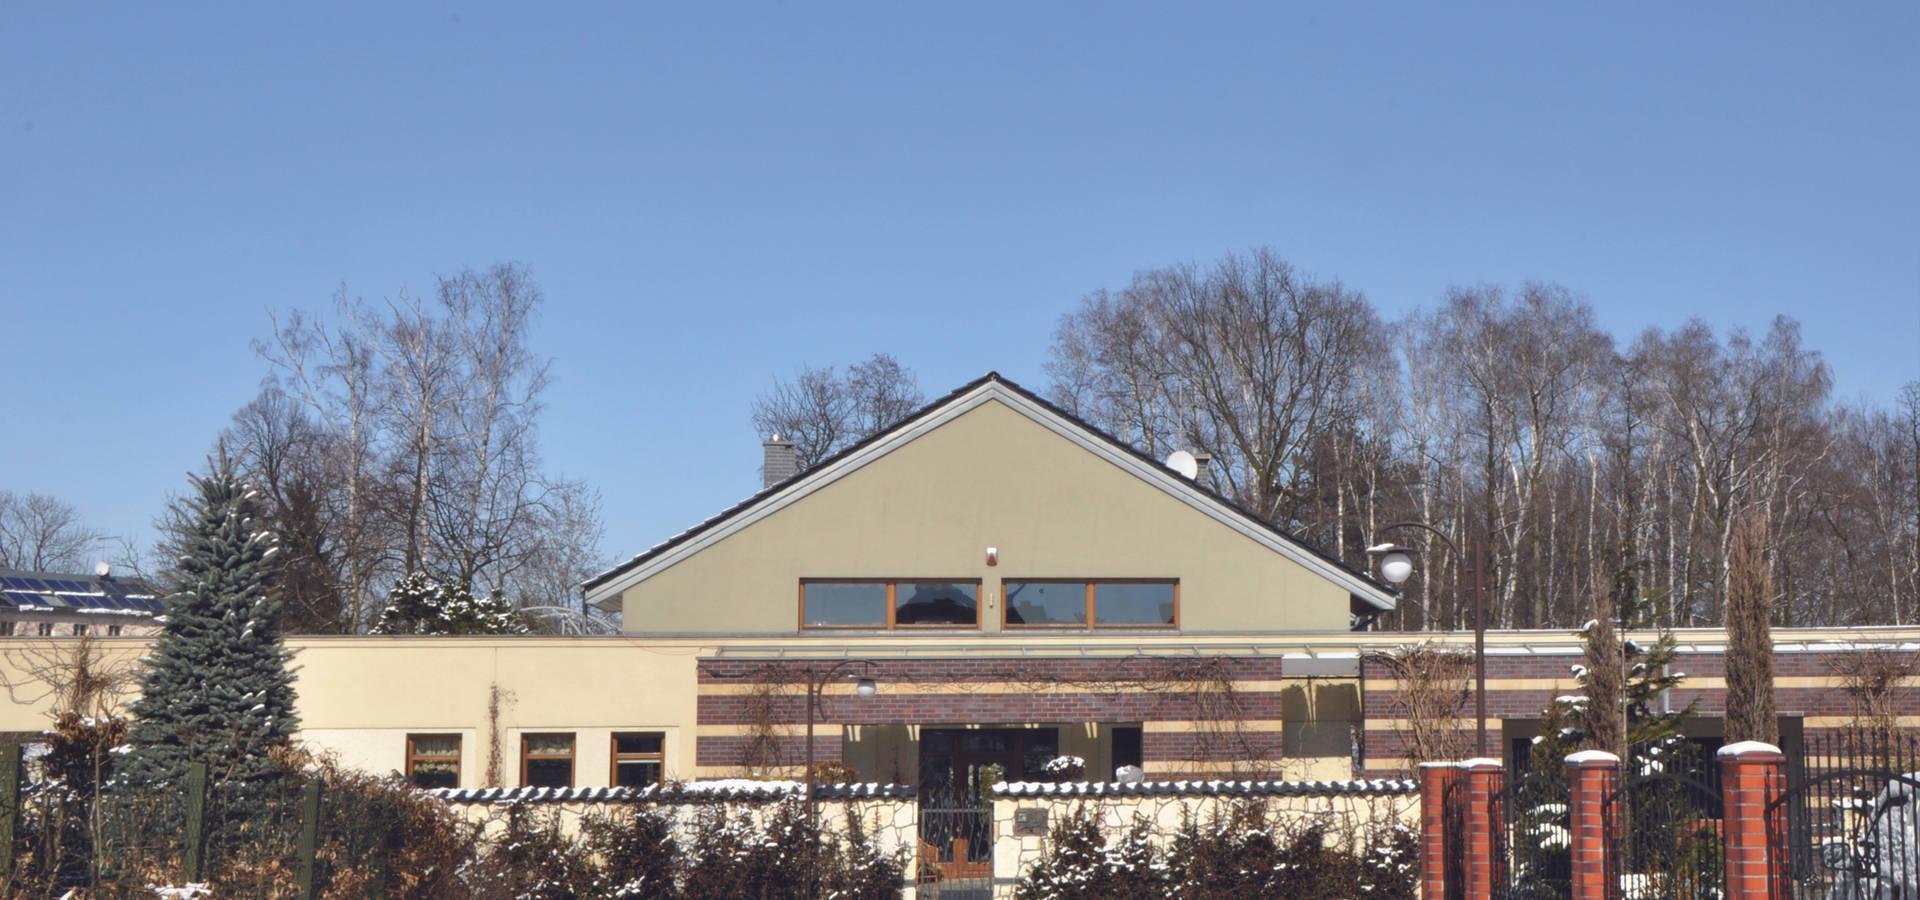 Studio S Biuro architektoniczne Michał Szymanowski